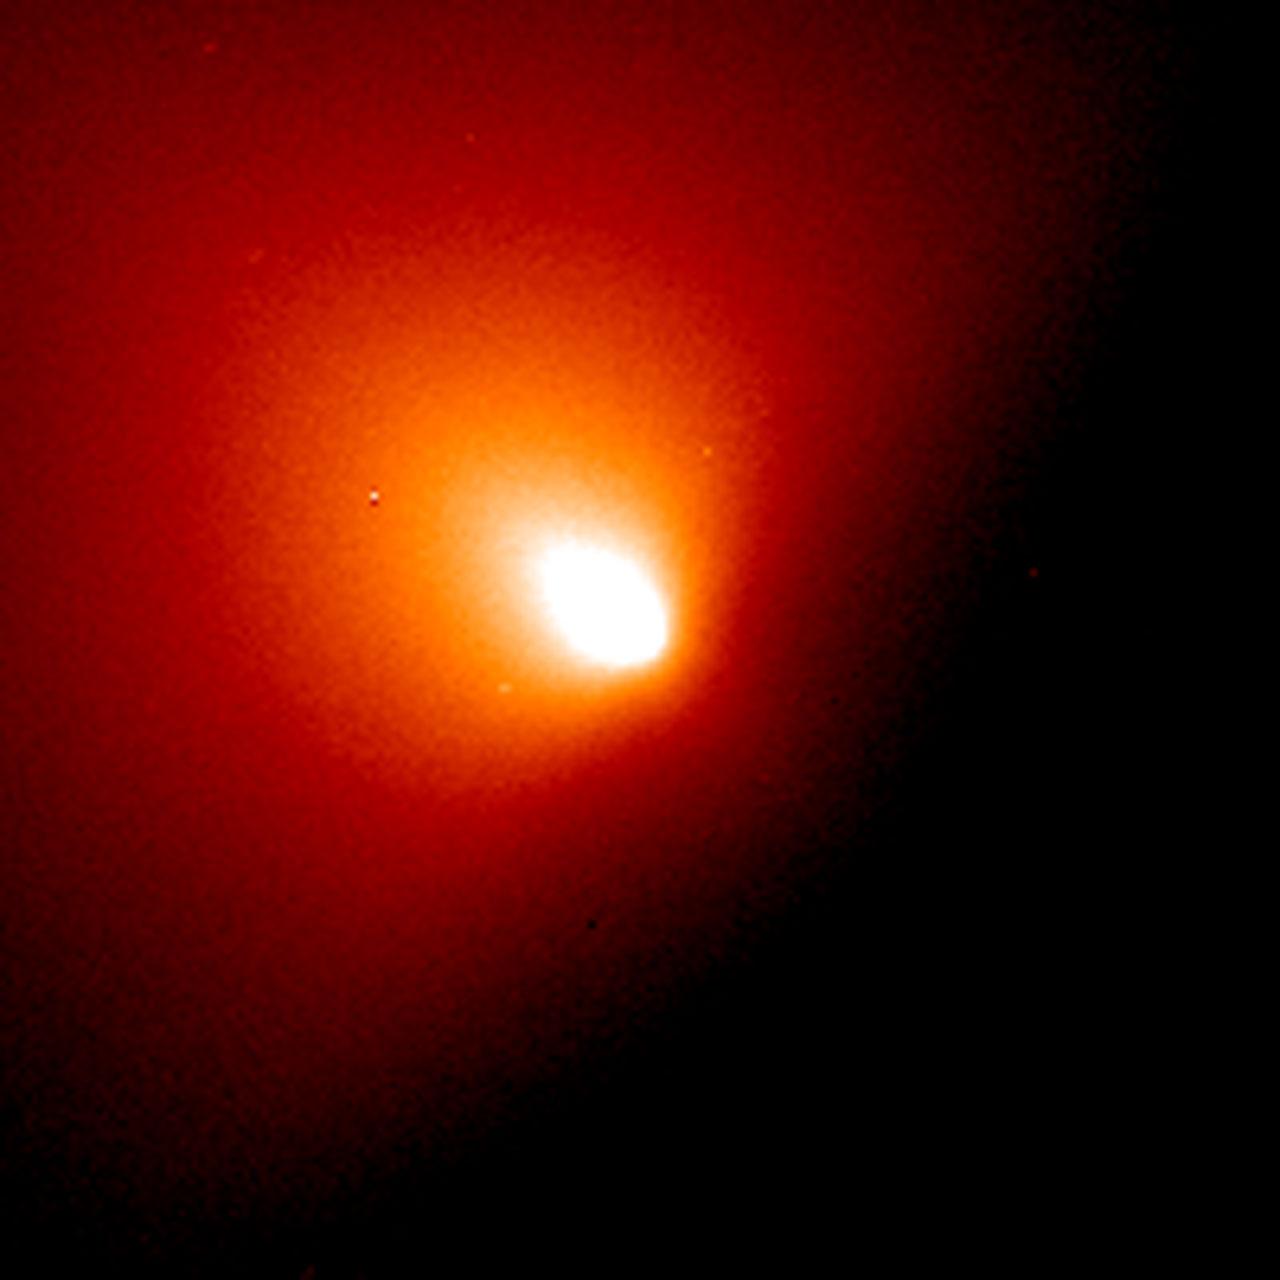 Comet Linear (July 6, 2000)